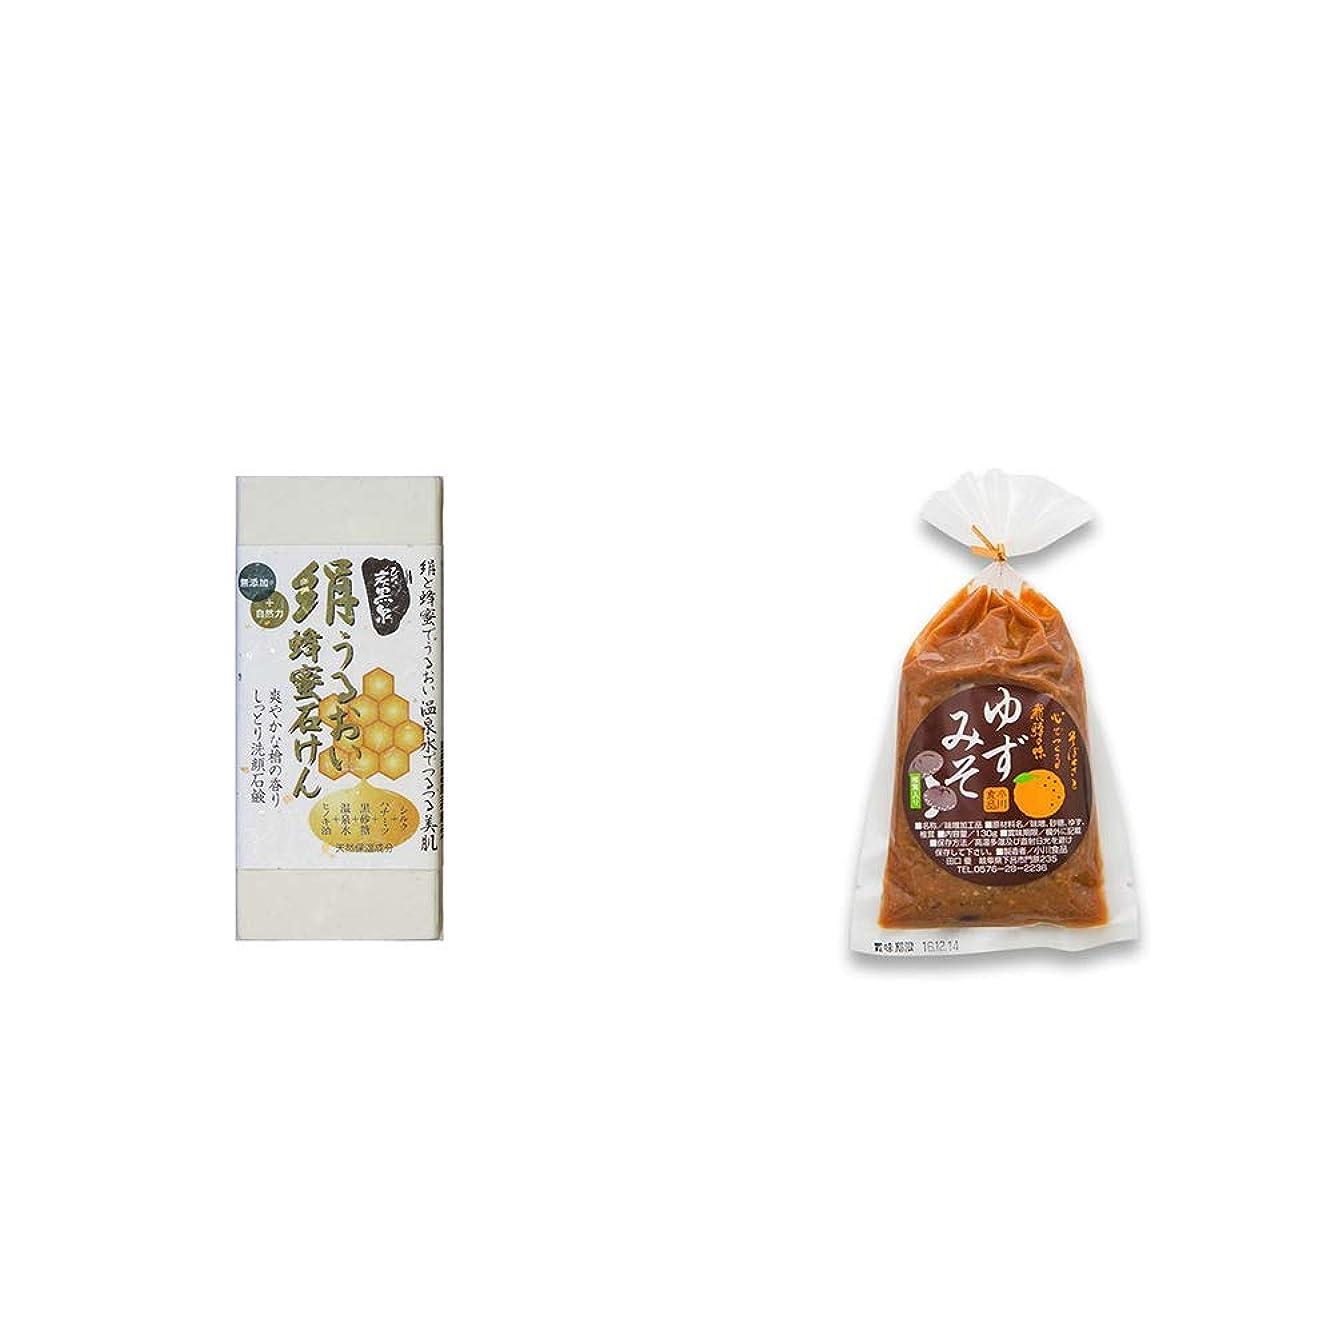 書店ボス脱臼する[2点セット] ひのき炭黒泉 絹うるおい蜂蜜石けん(75g×2)?ゆずみそ(130g)